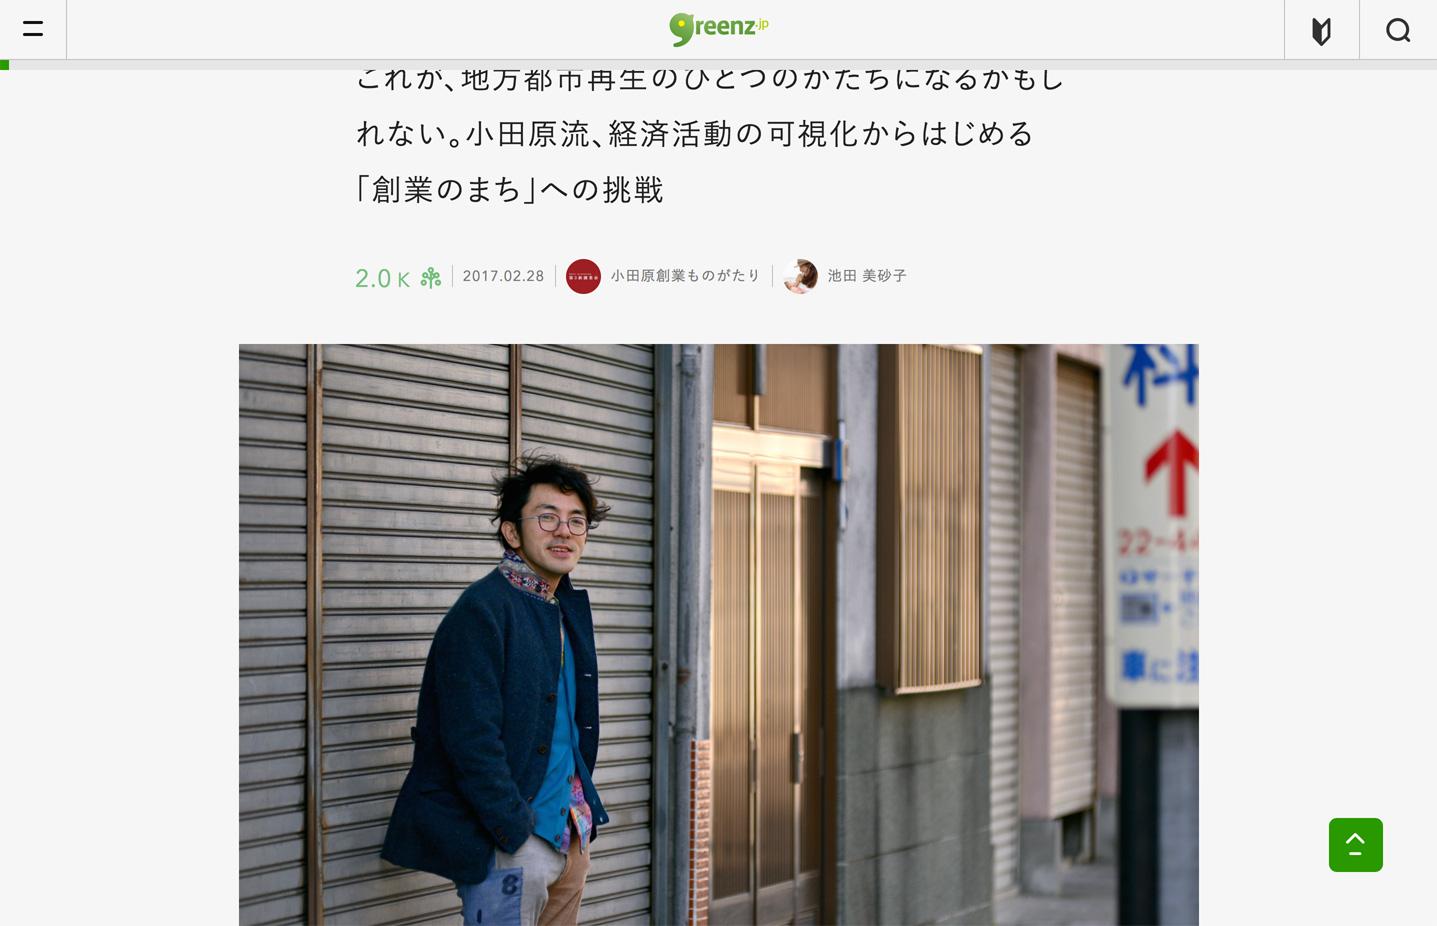 Webマガジンgreenz.jpで特集されました!